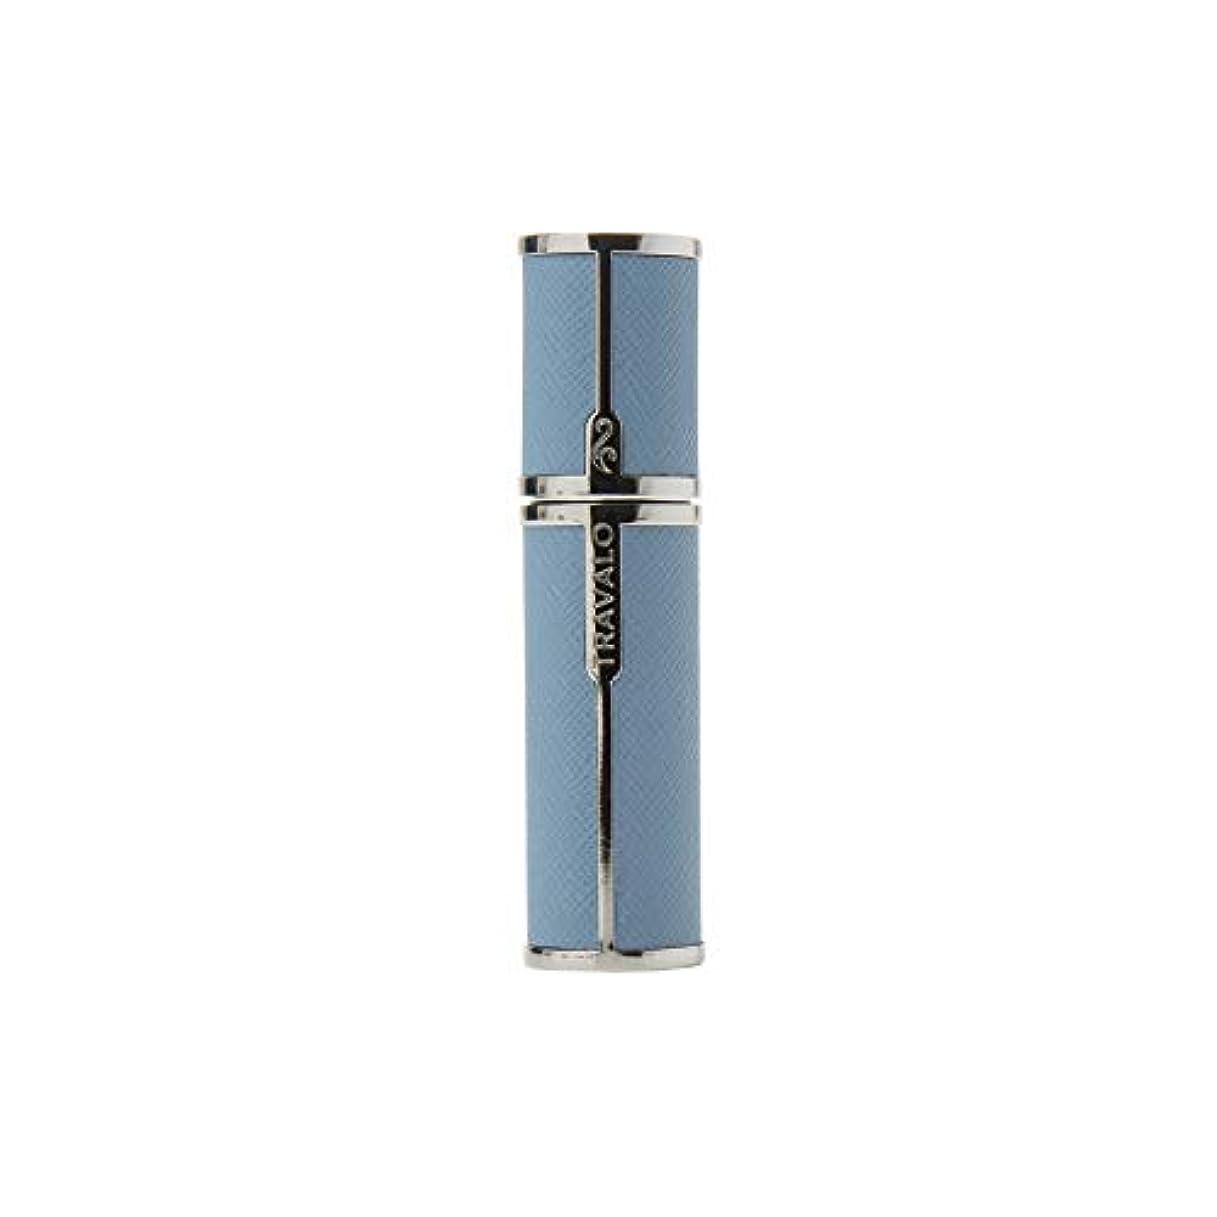 理容室ドアミラー疑問を超えてTRAVALO (トラヴァ―ロ) ミラノ アトマイザー ライトブルー 香水 旅行 携帯 詰め替え ボトル 簡単 香水スプレー